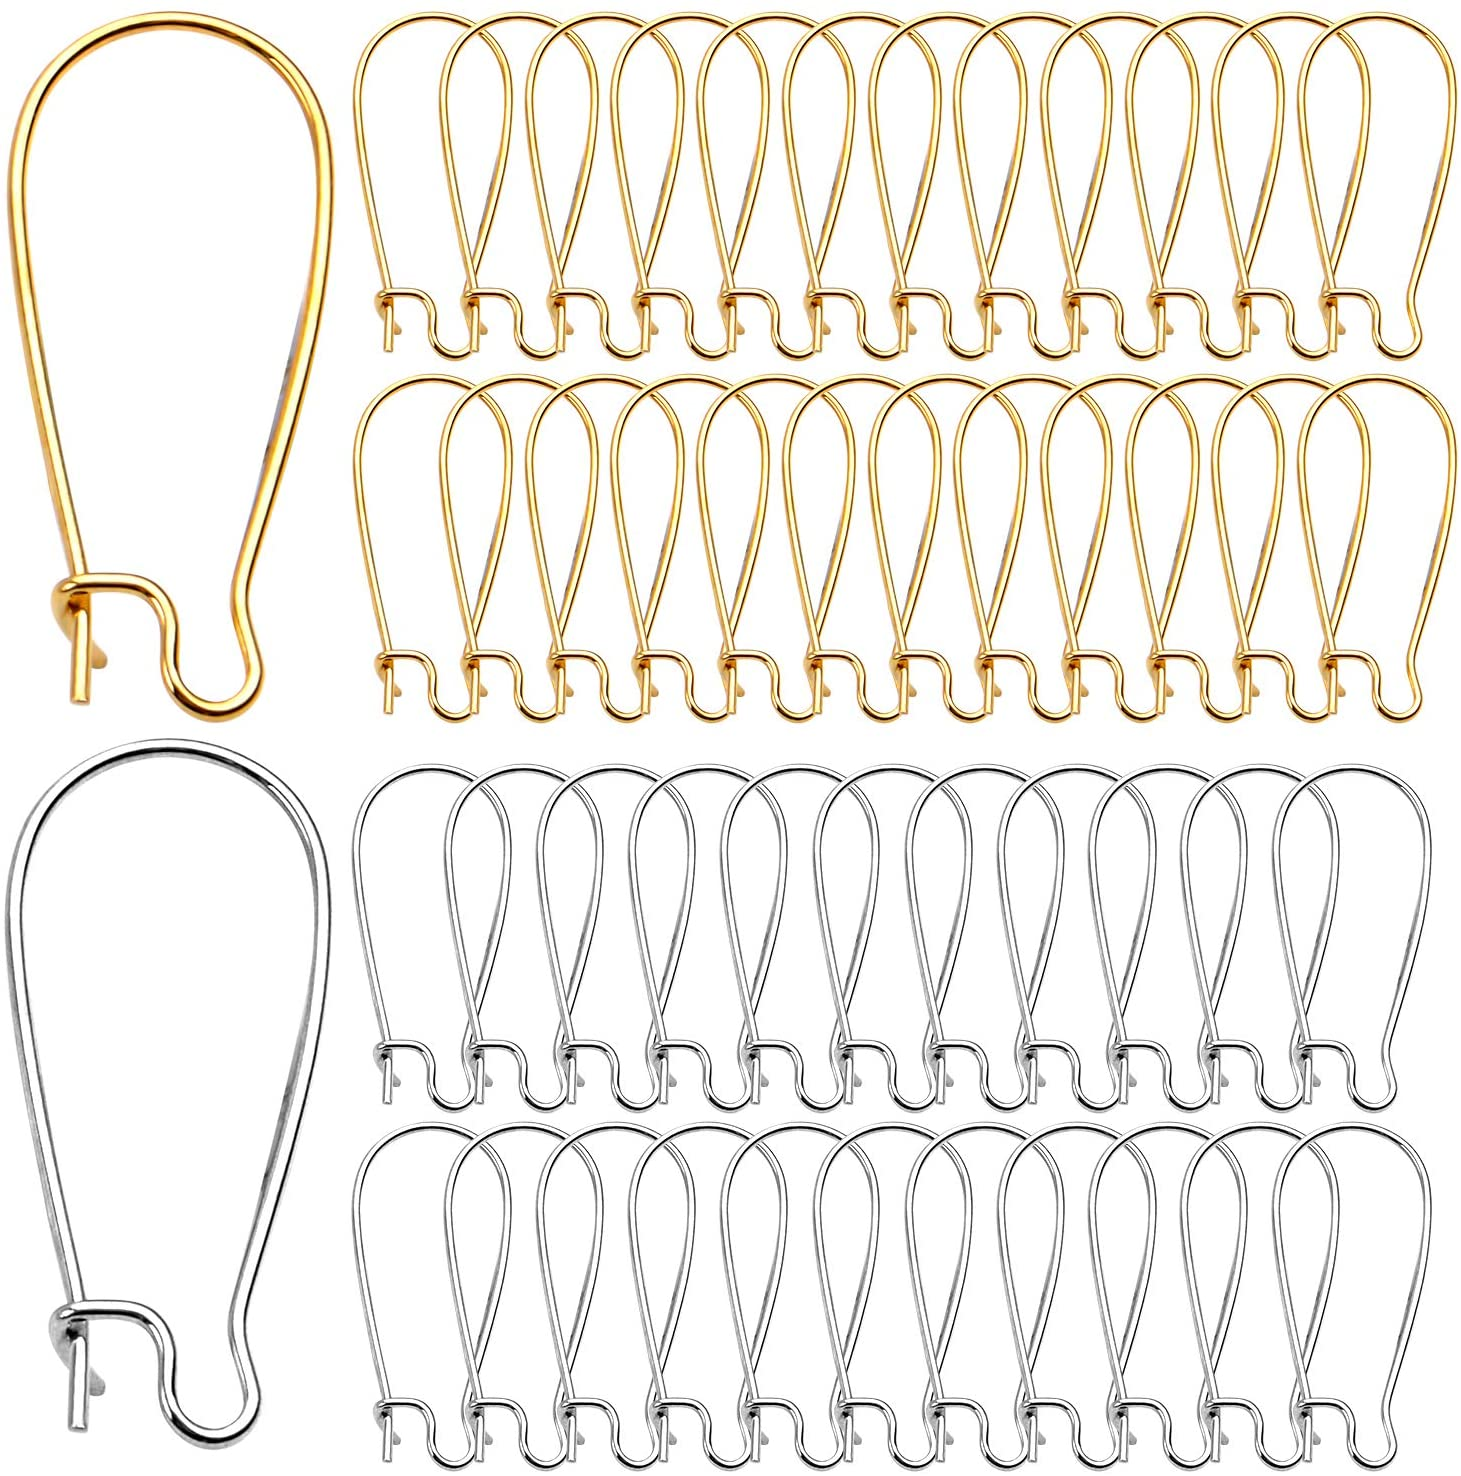 DIY Earring Findings, 200pcs Kidney Ear Wires U-shaped Earring Hooks Earring Components for Long Dangle Earrings Jewelry Makings - Silver and Gold